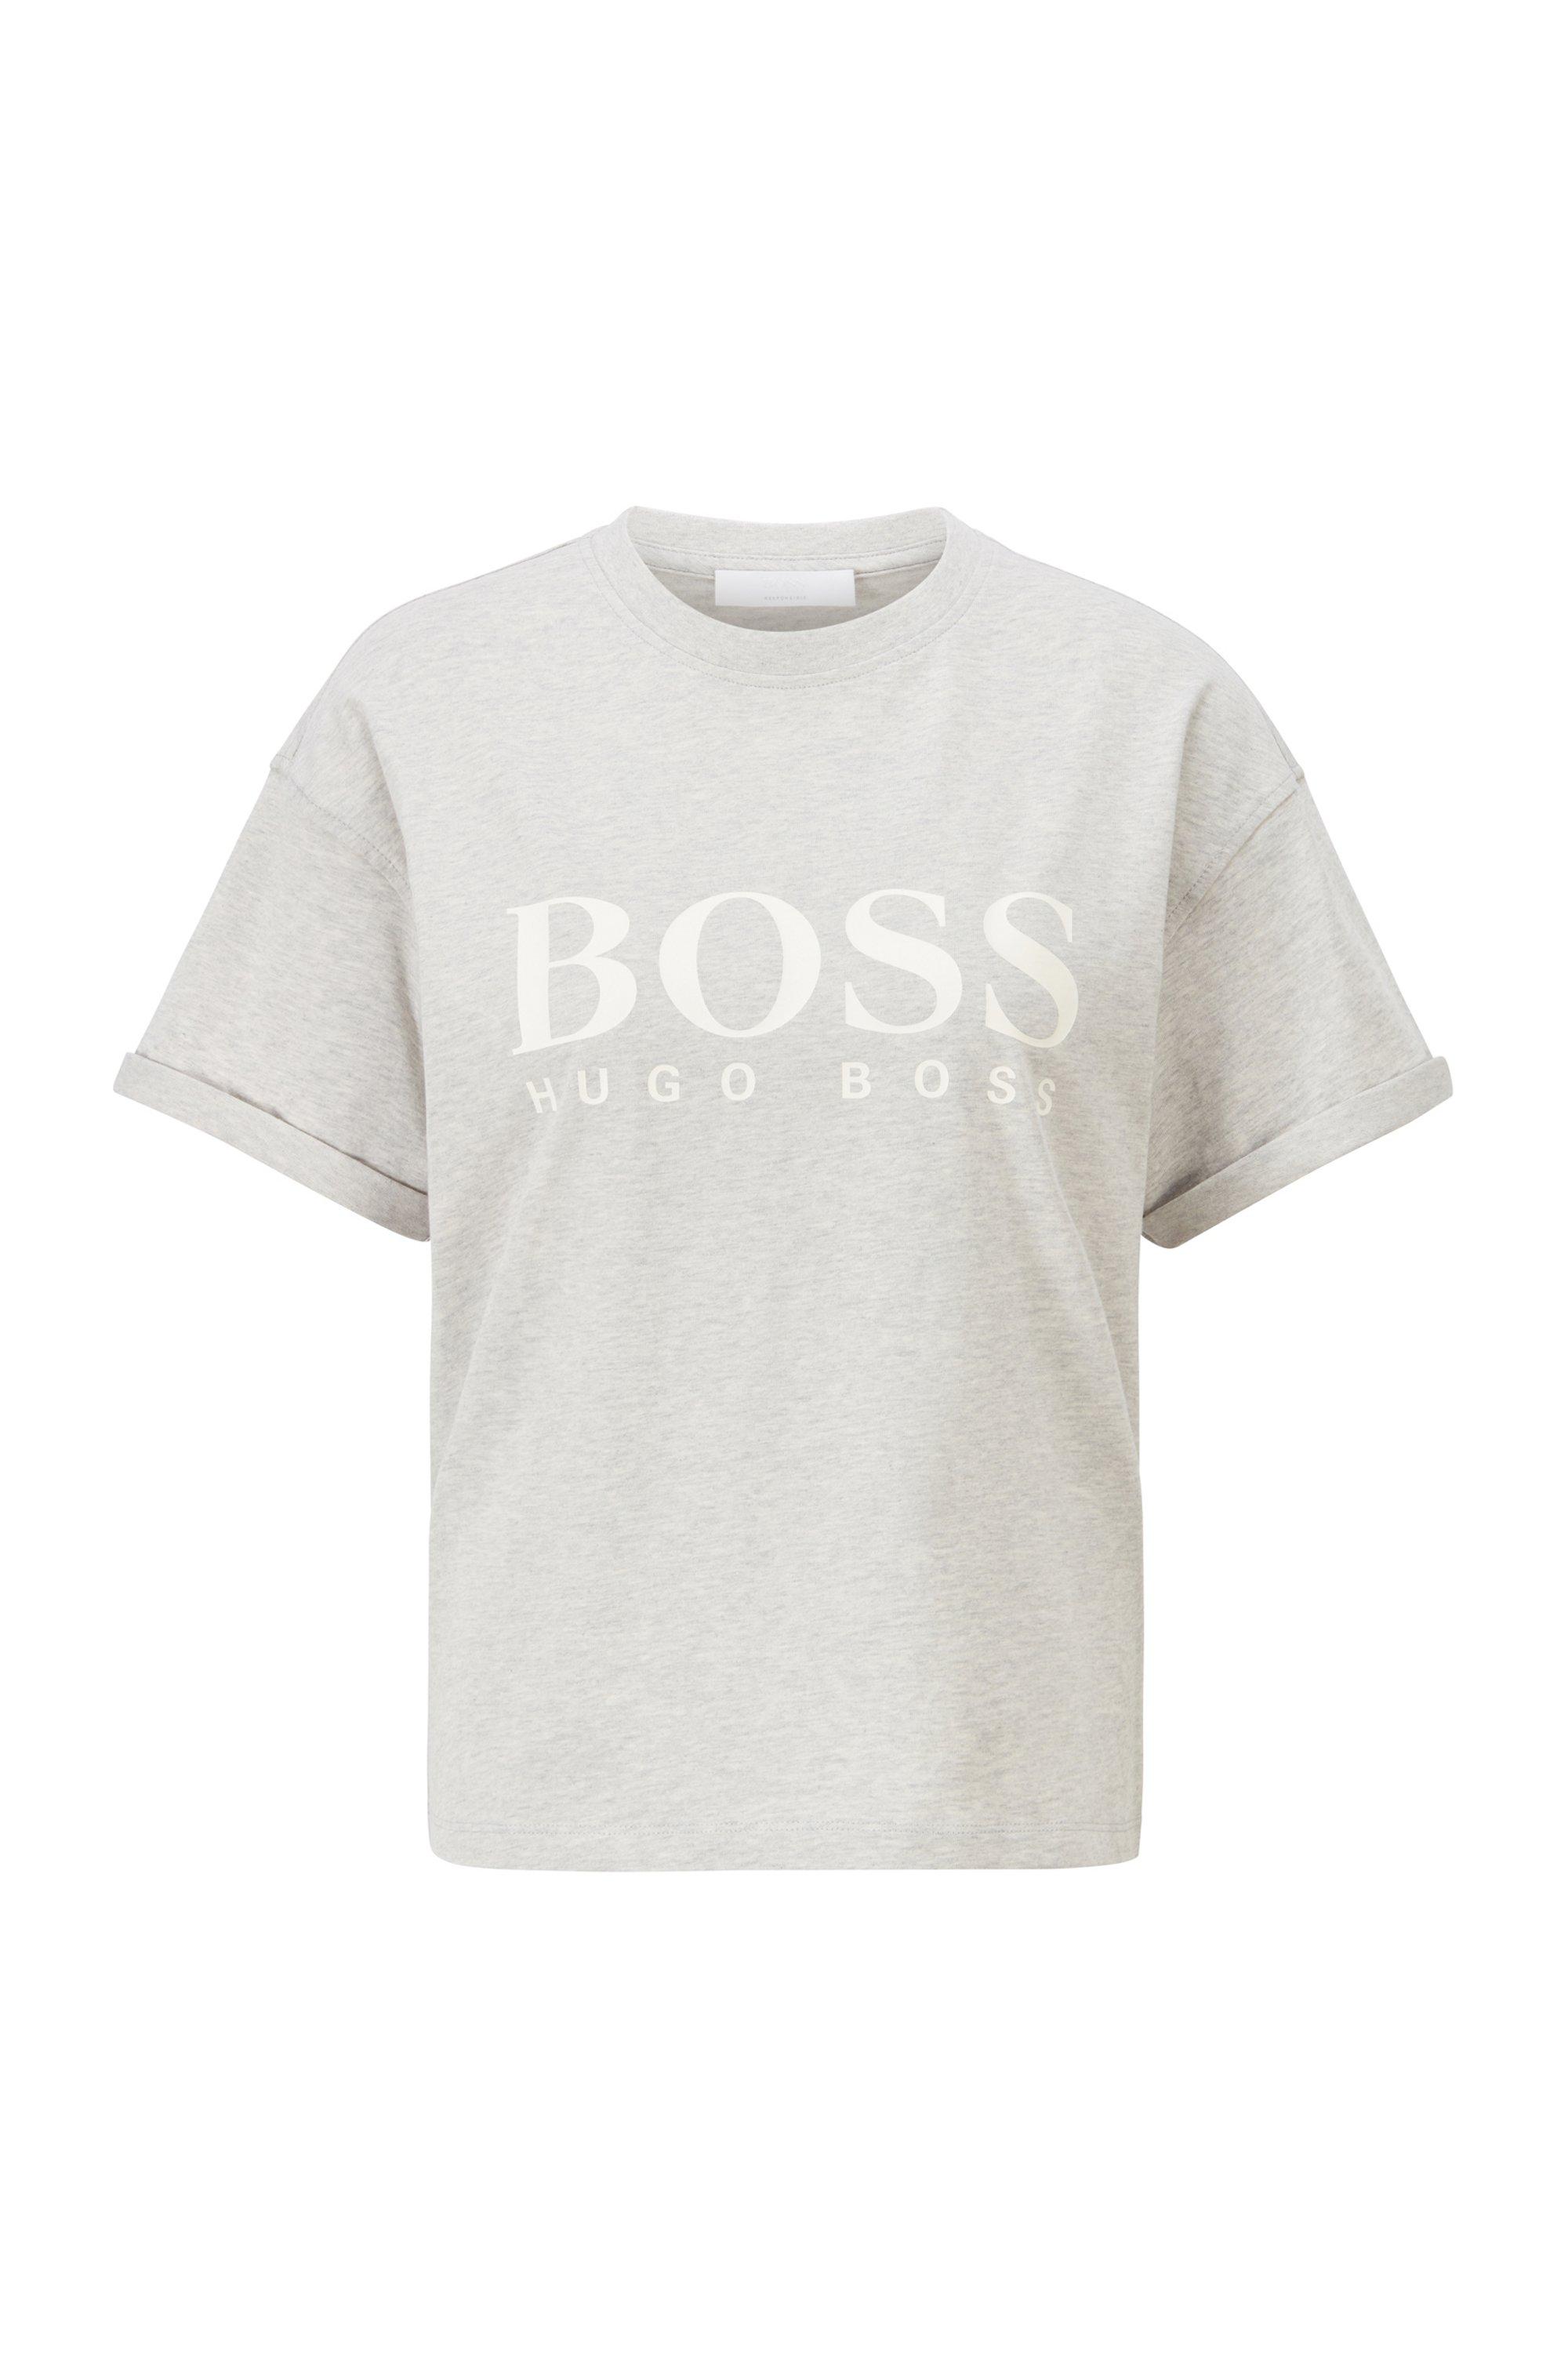 ロゴ リラックスフィットTシャツ オーガニックコットン, シルバー